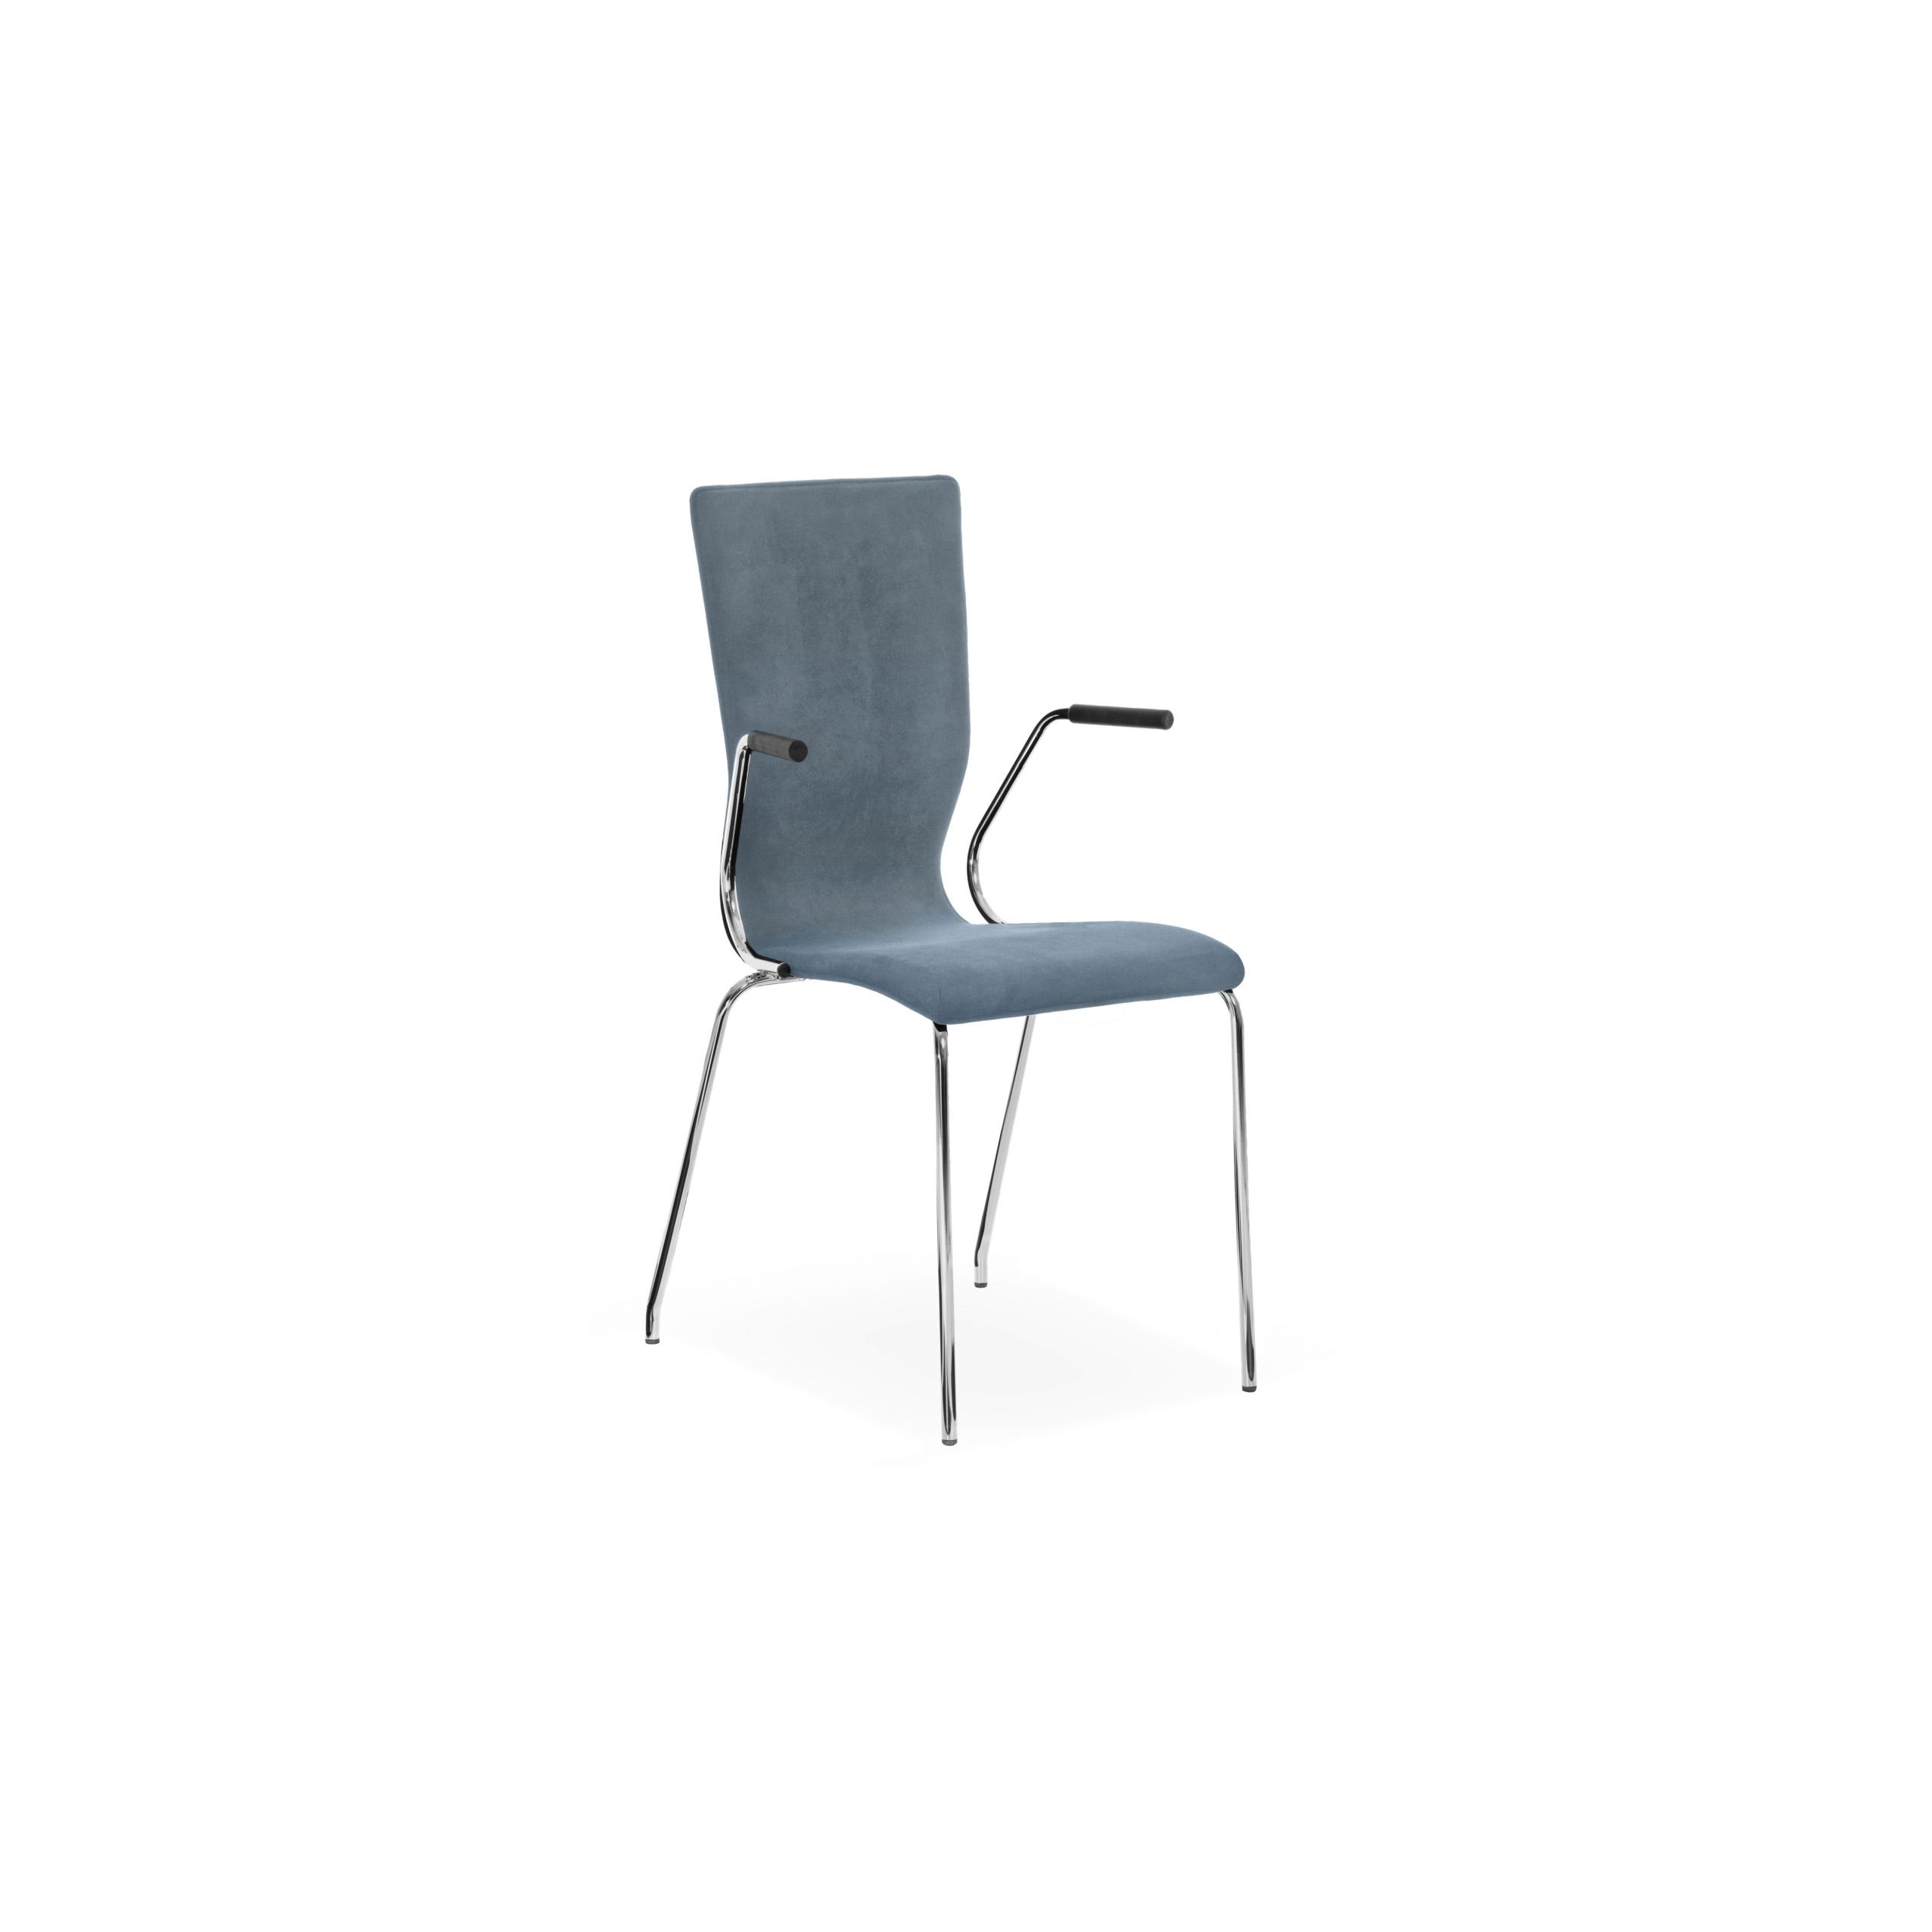 Graf Stol med metallben produktbild 1